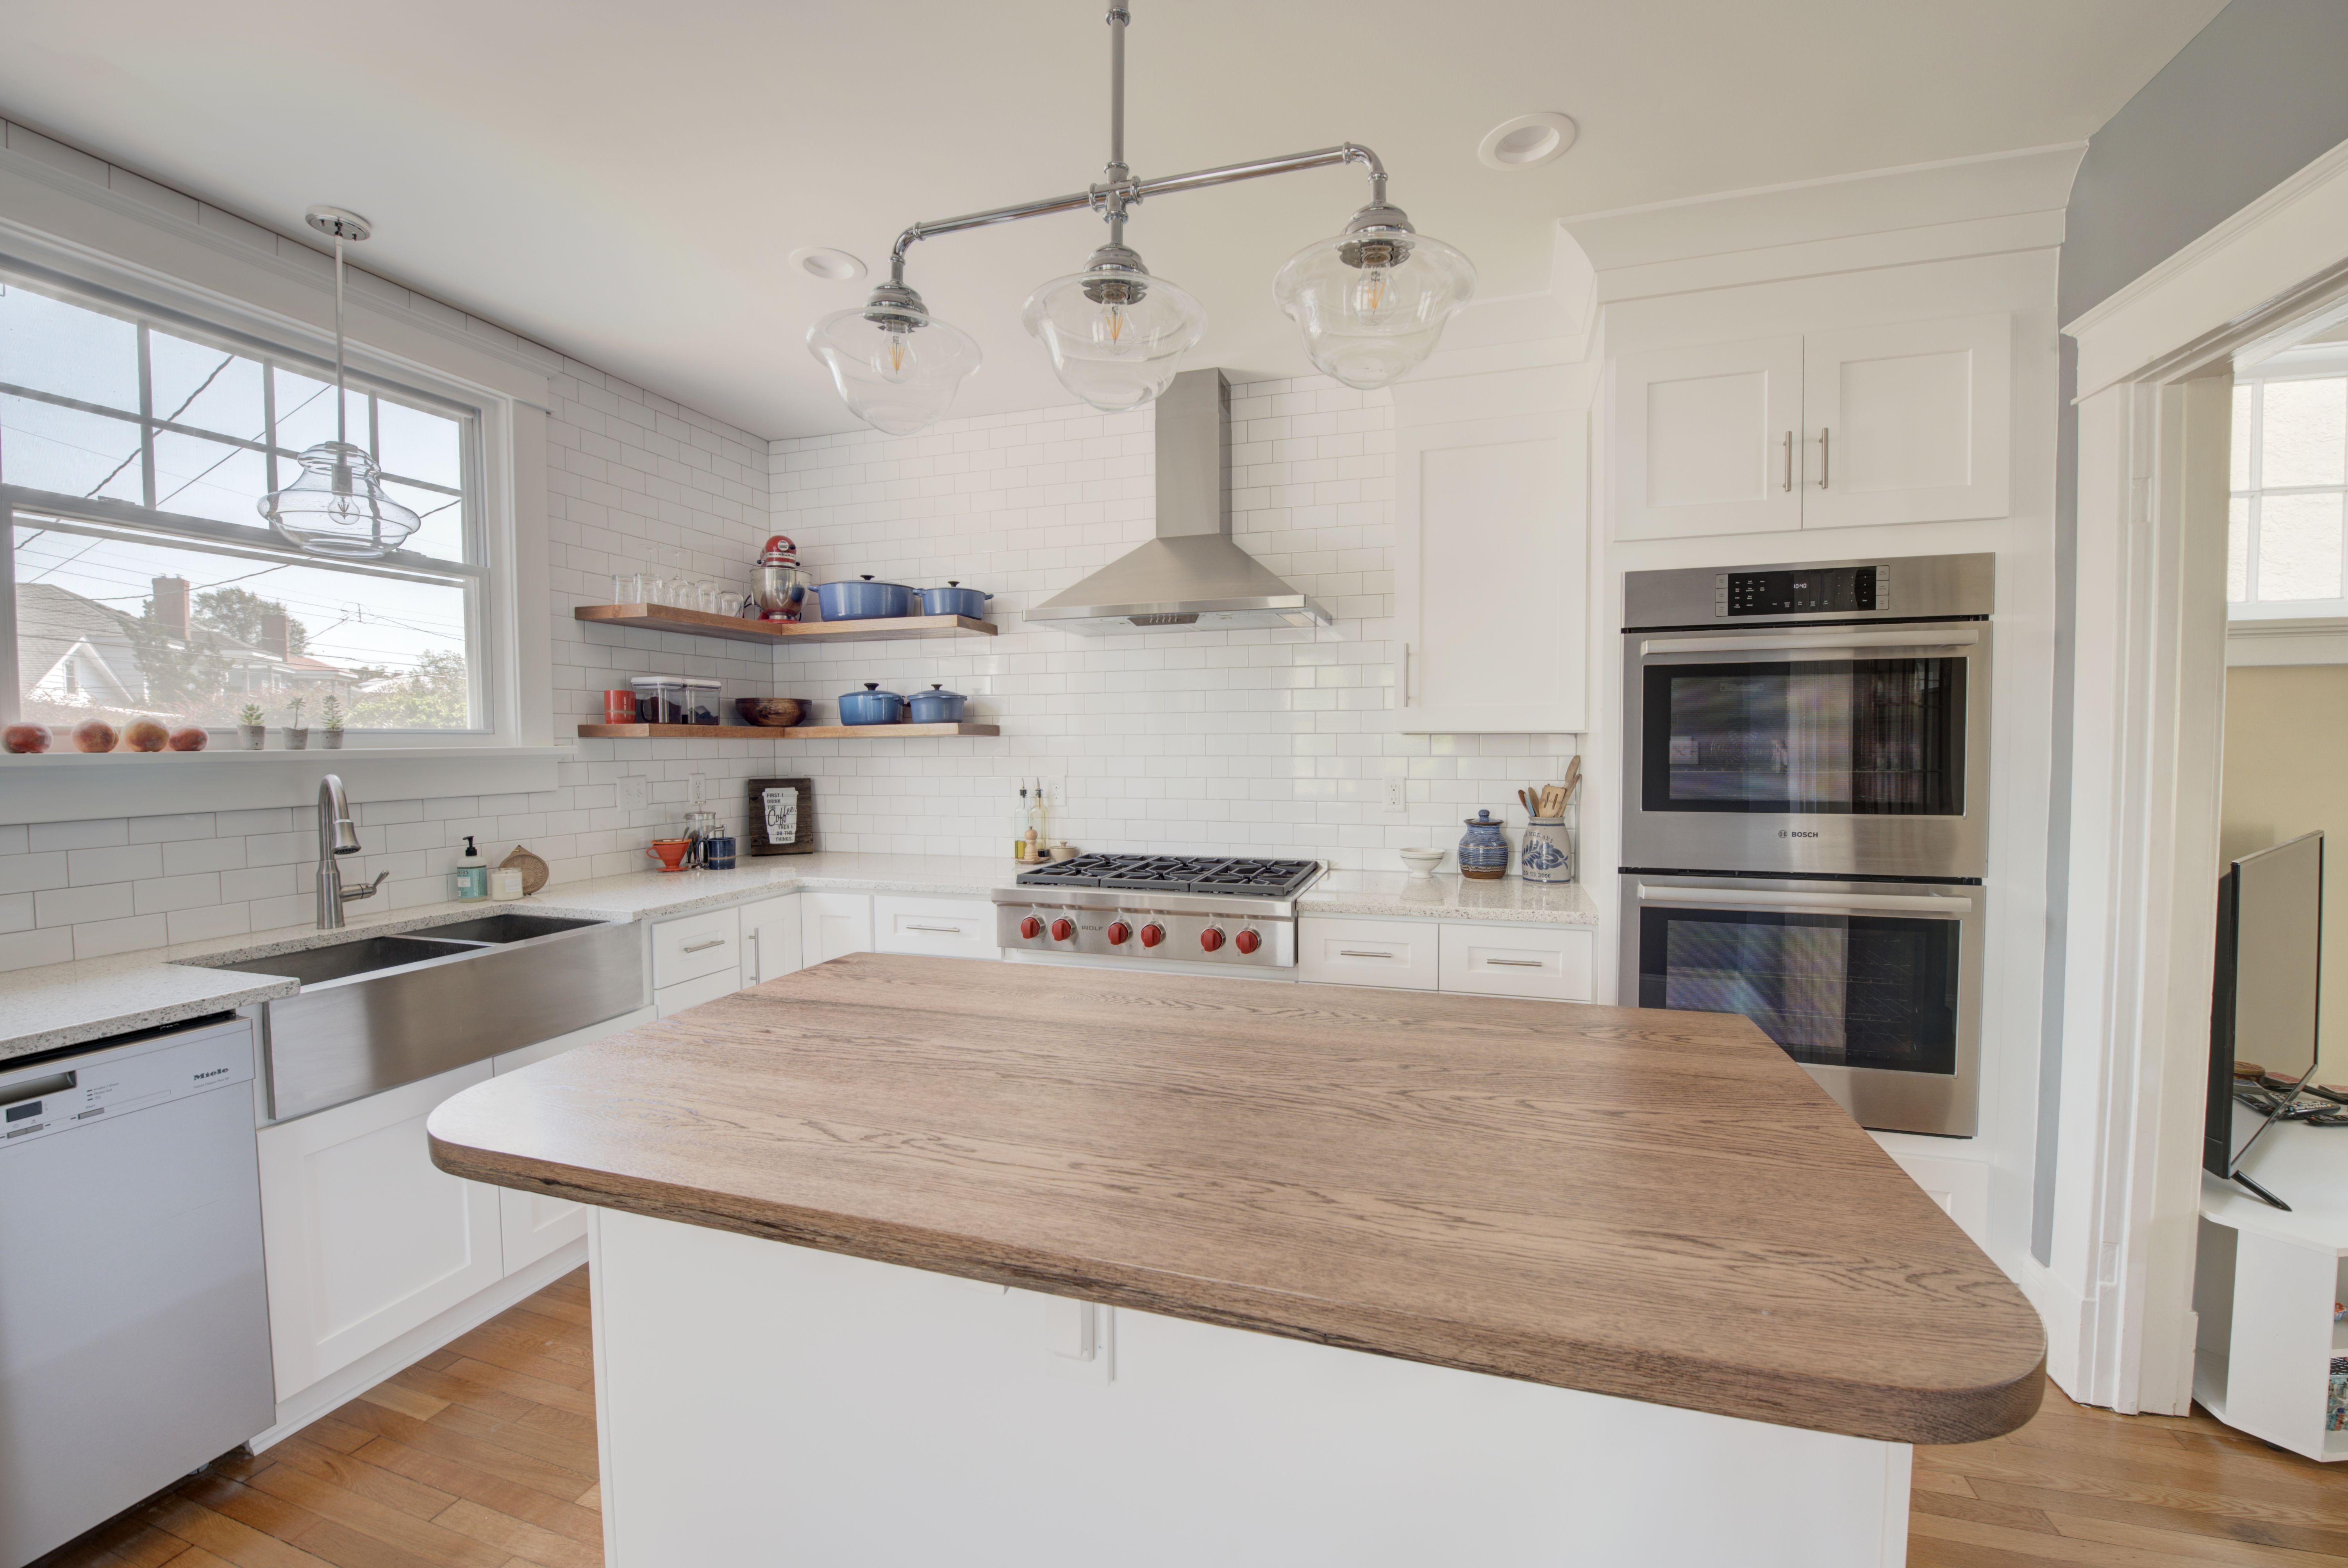 Kitchen Design Inspiration Custom Kitchen Remodel Kitchen Design Small Kitchen Design